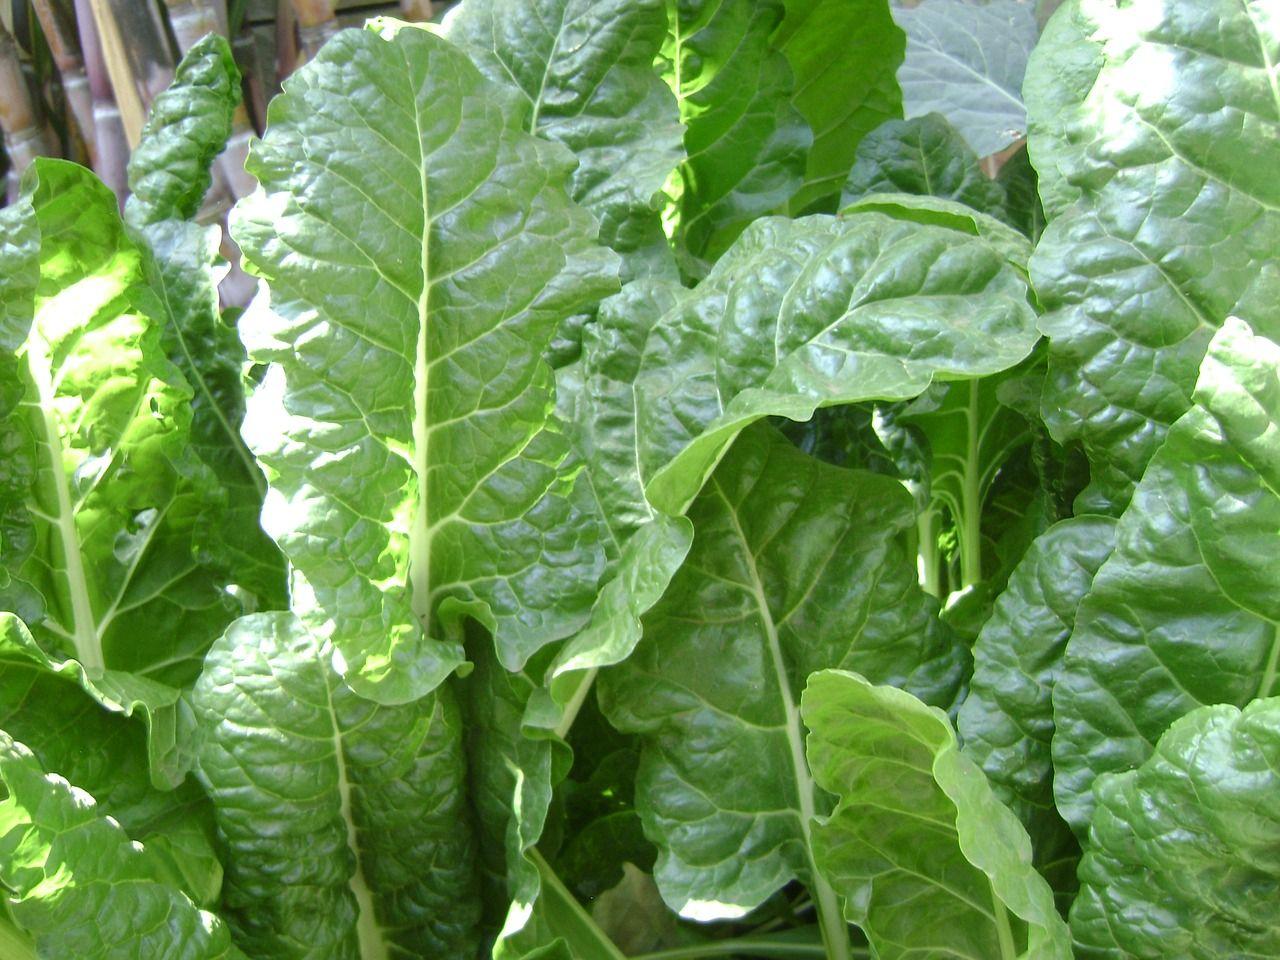 Faites prégermer vos épinards pour une récolte automnale